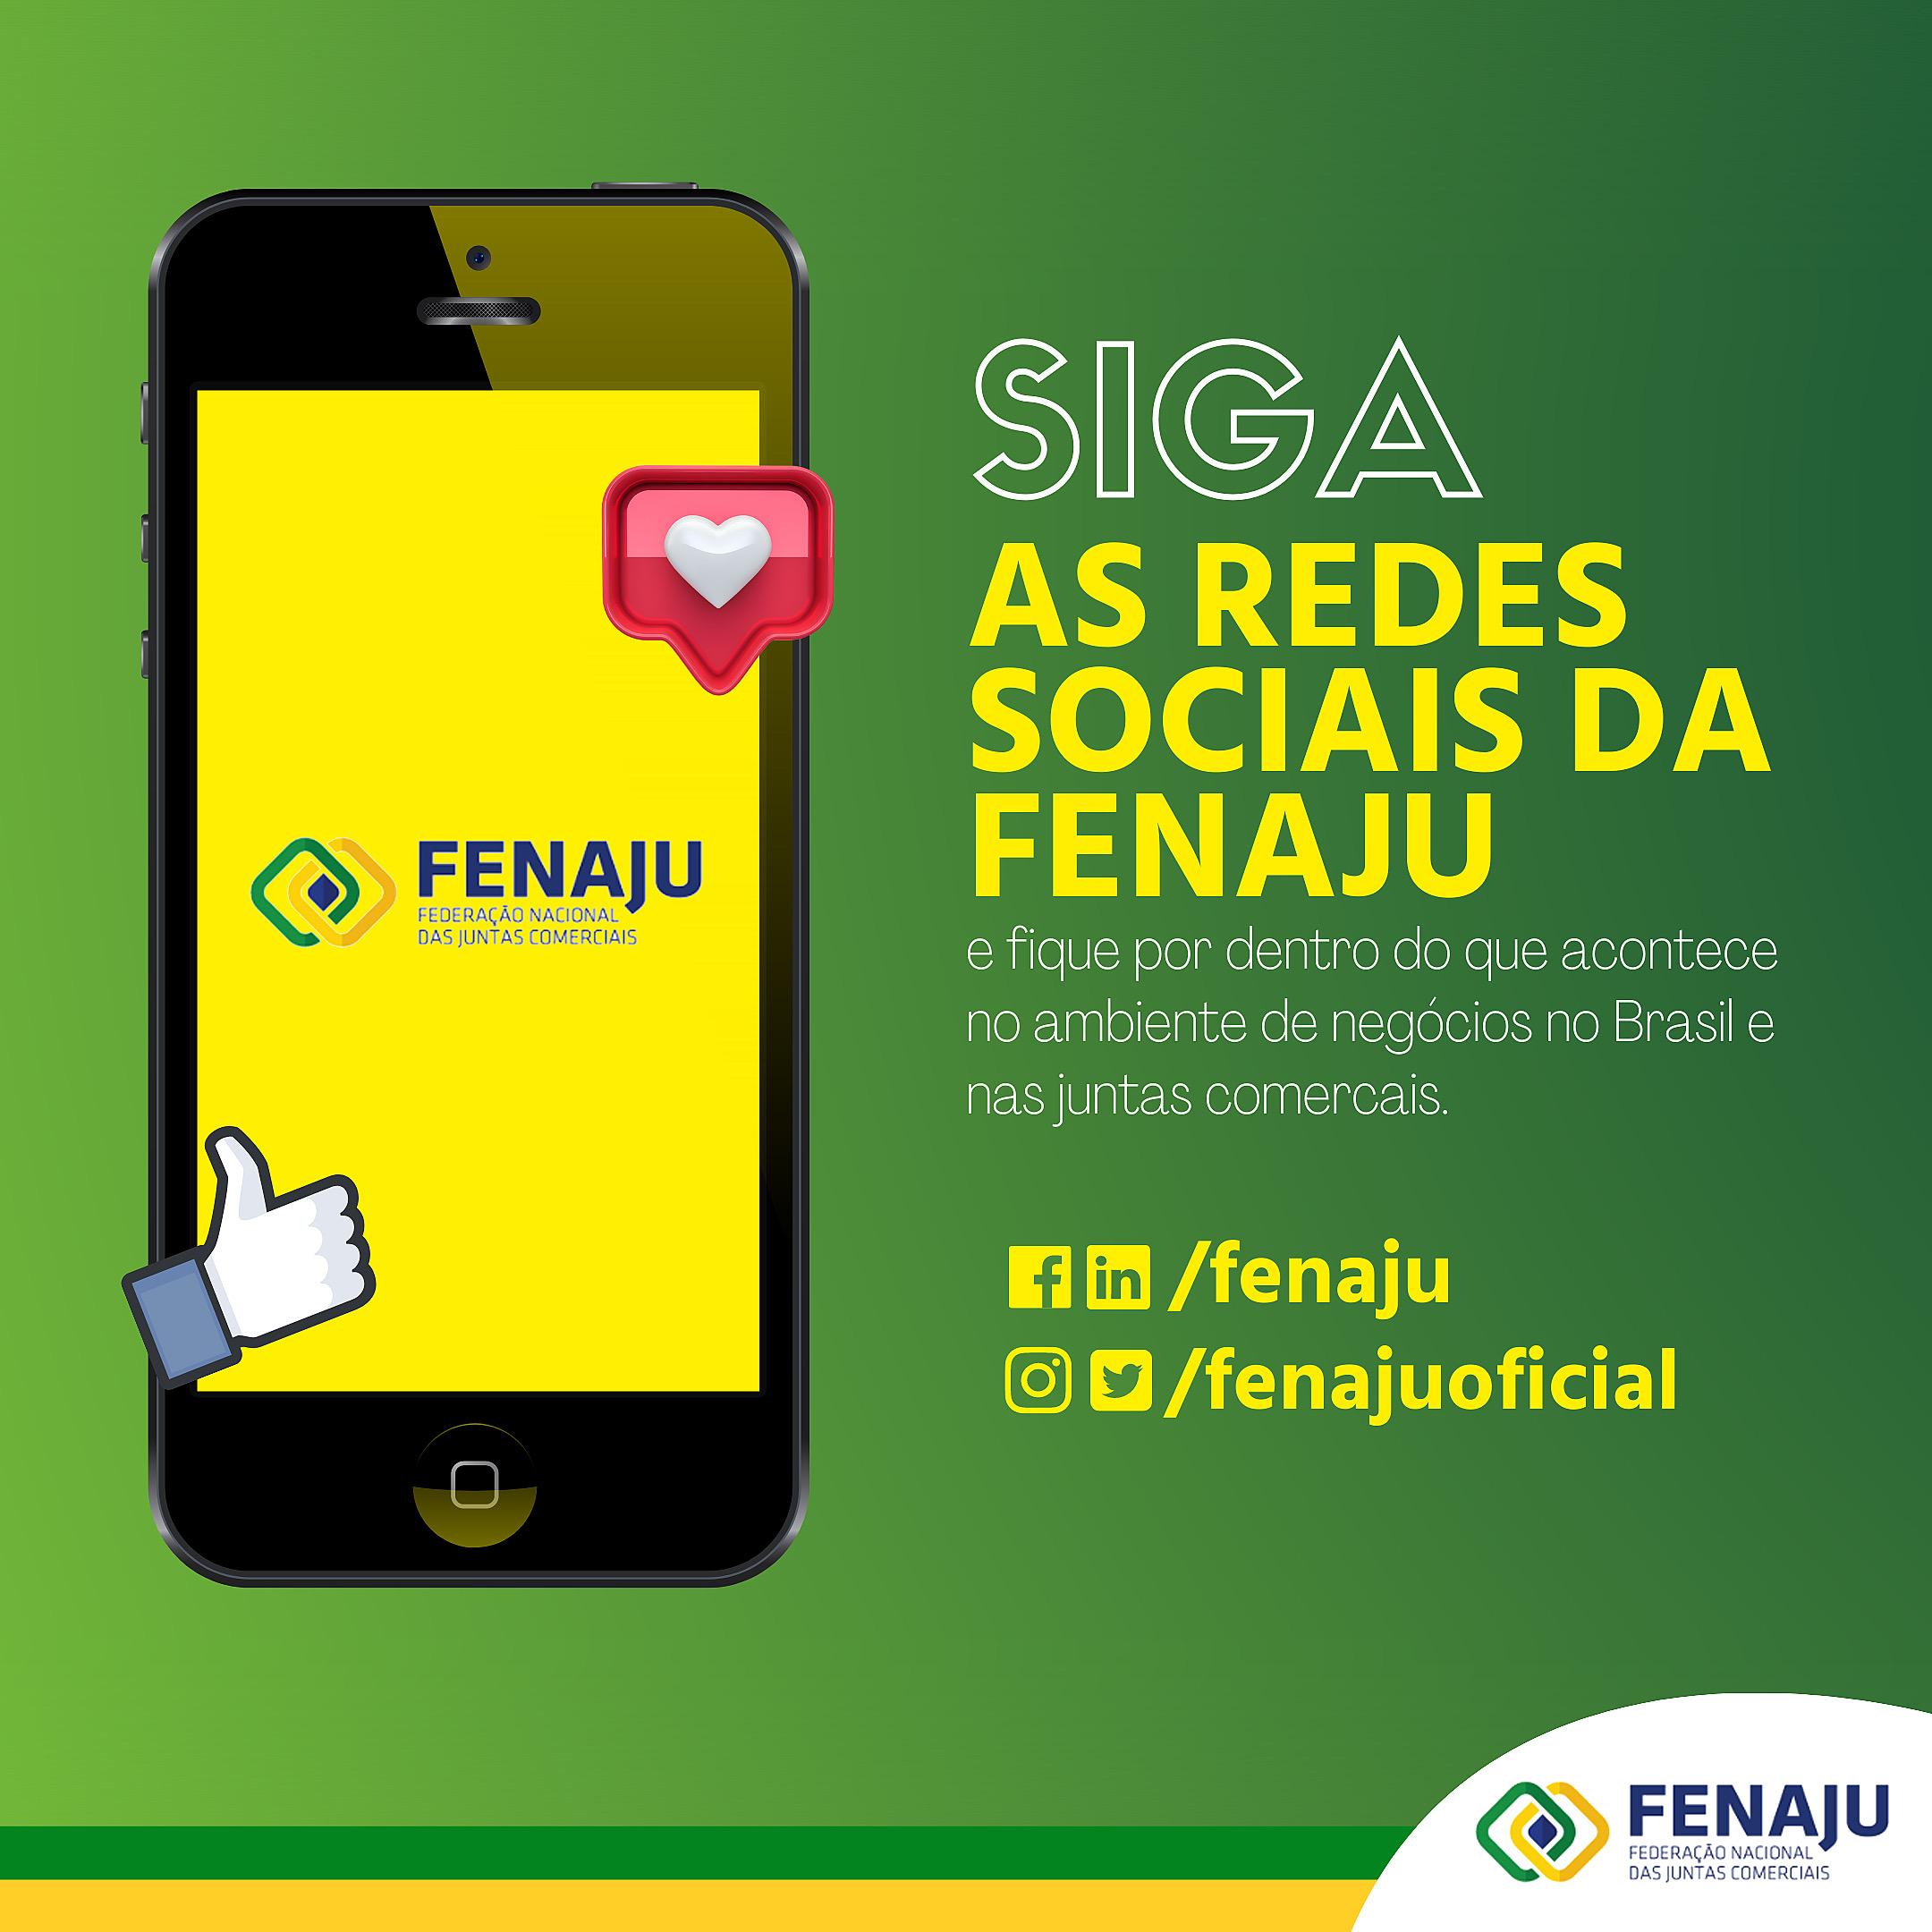 Siga a FENAJU nas redes sociais